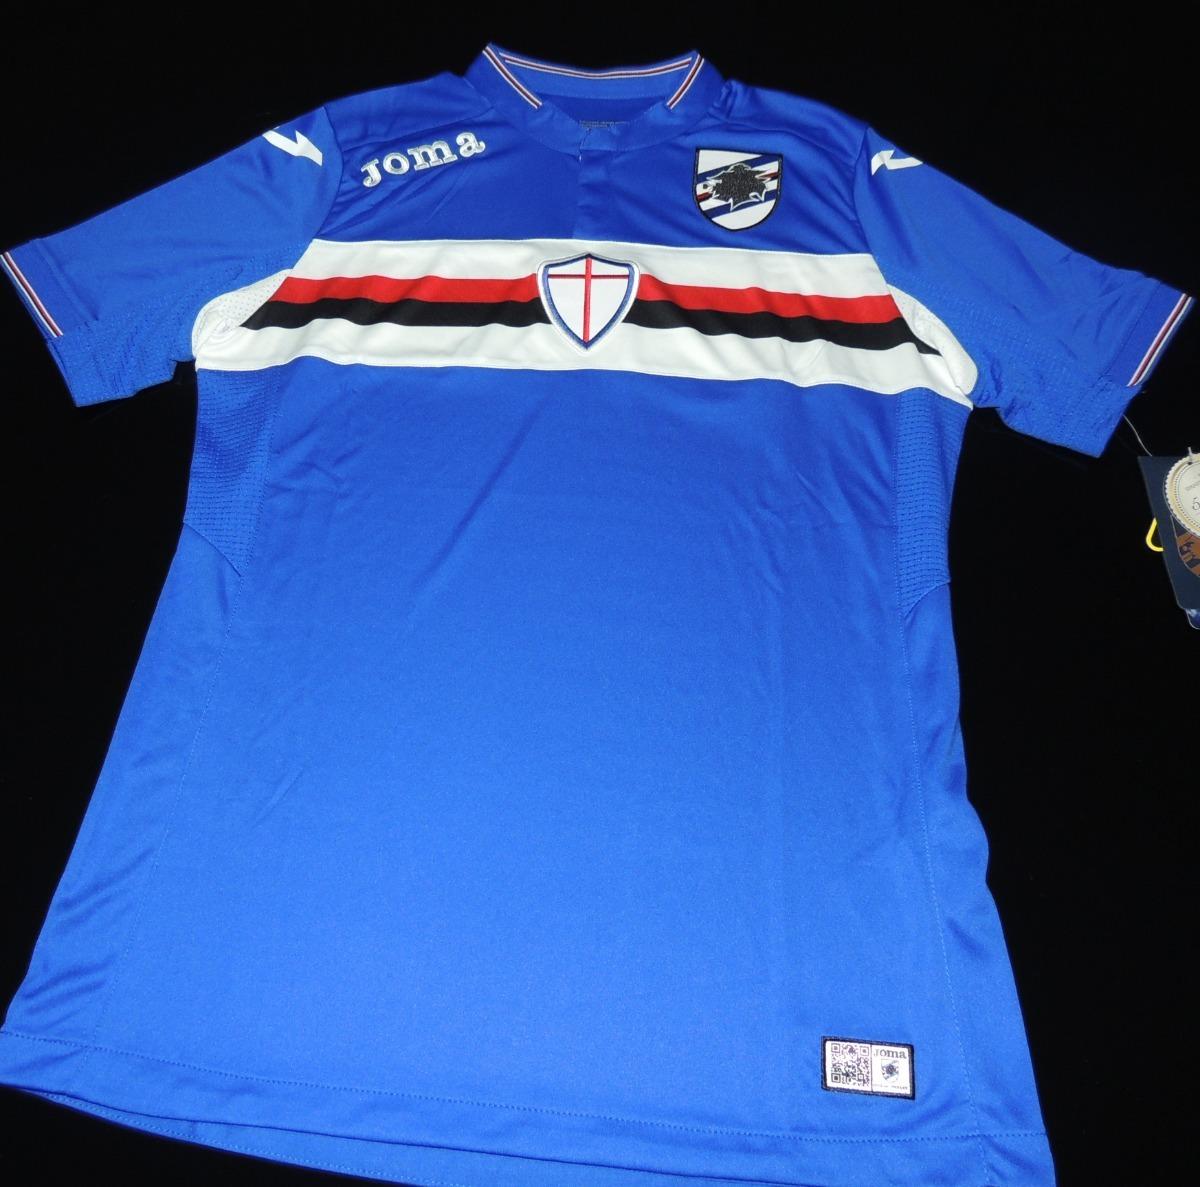 camisa sampdoria home 2016 tam. p. Carregando zoom. 644be3a390987